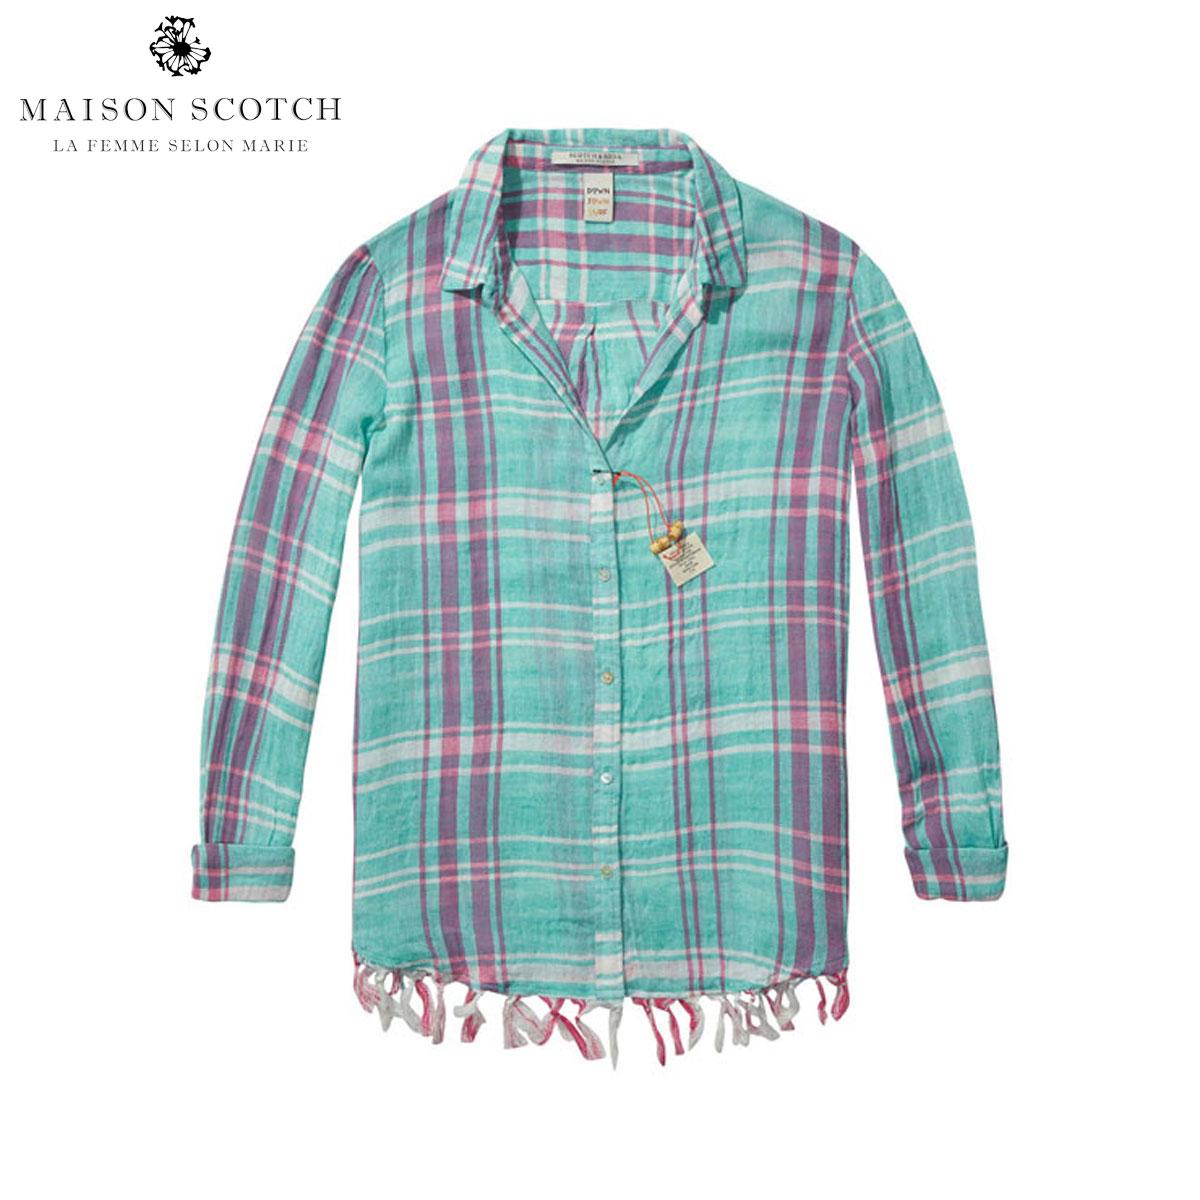 メゾンスコッチ MAISON SCOTCH 正規販売店 レディース 長袖シャツ Lightweight checked shirt with fringed hem 131151 A D15S25